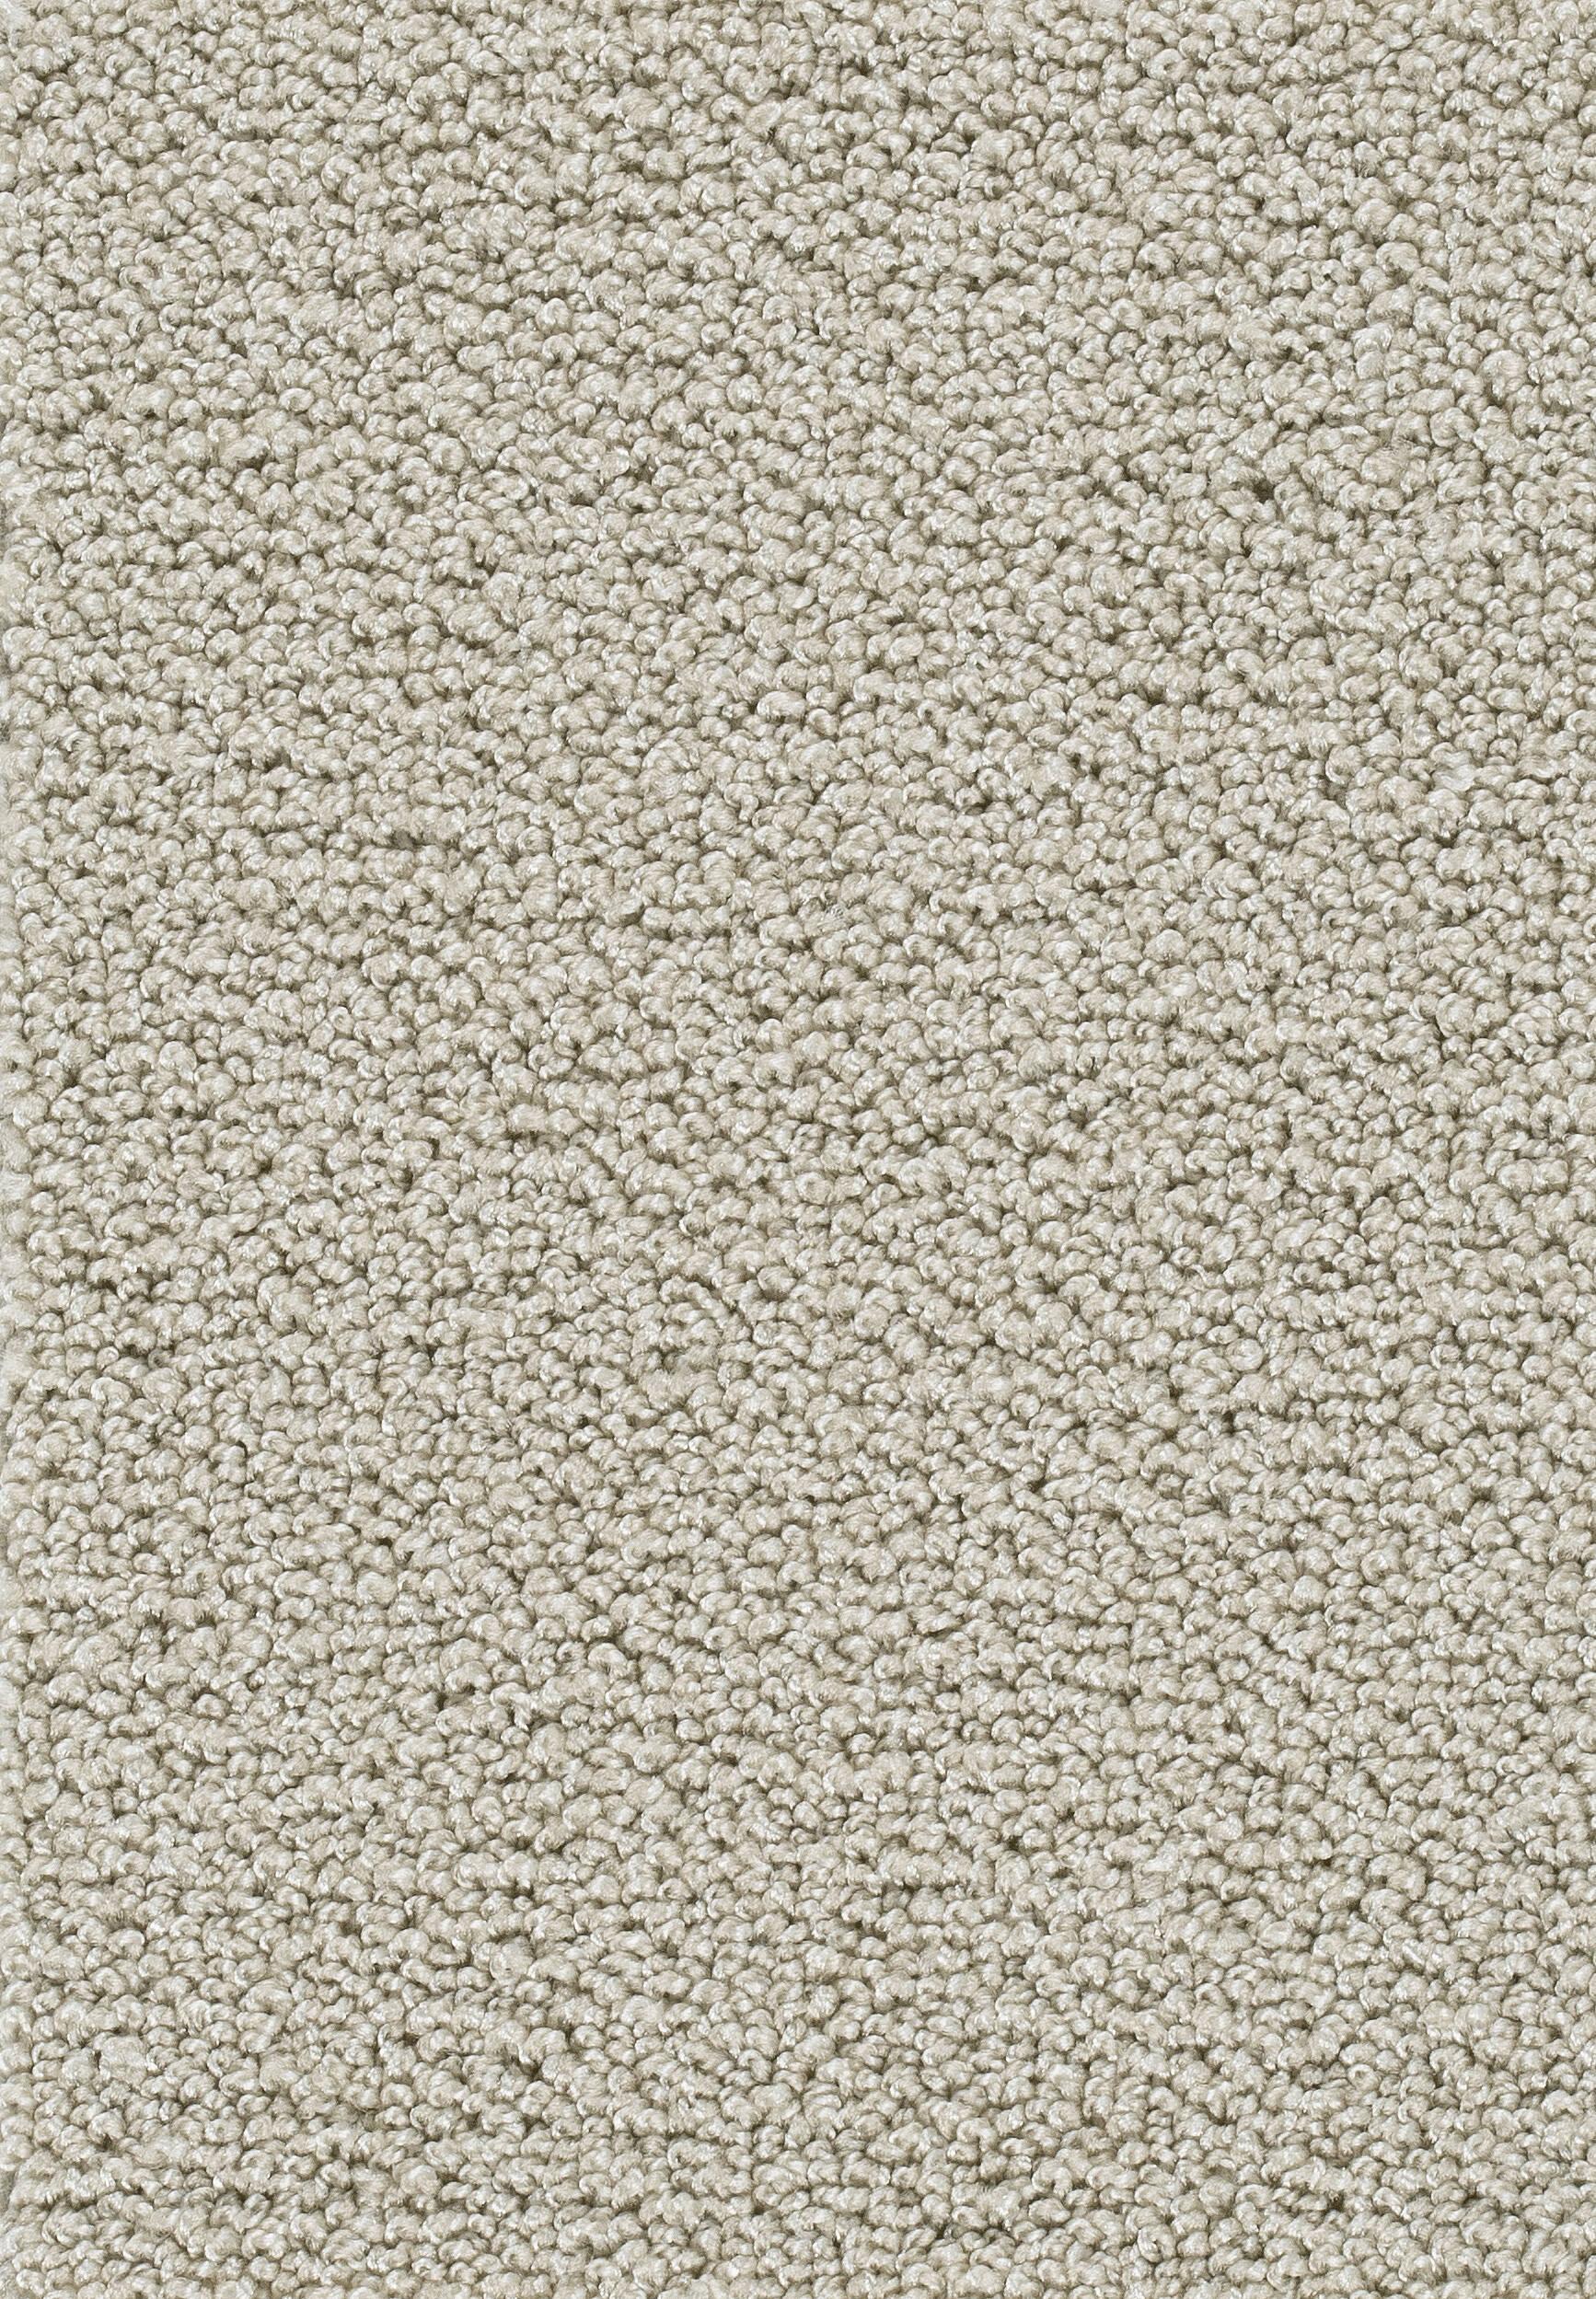 Teppichboden AMBRA 30 400cm breit